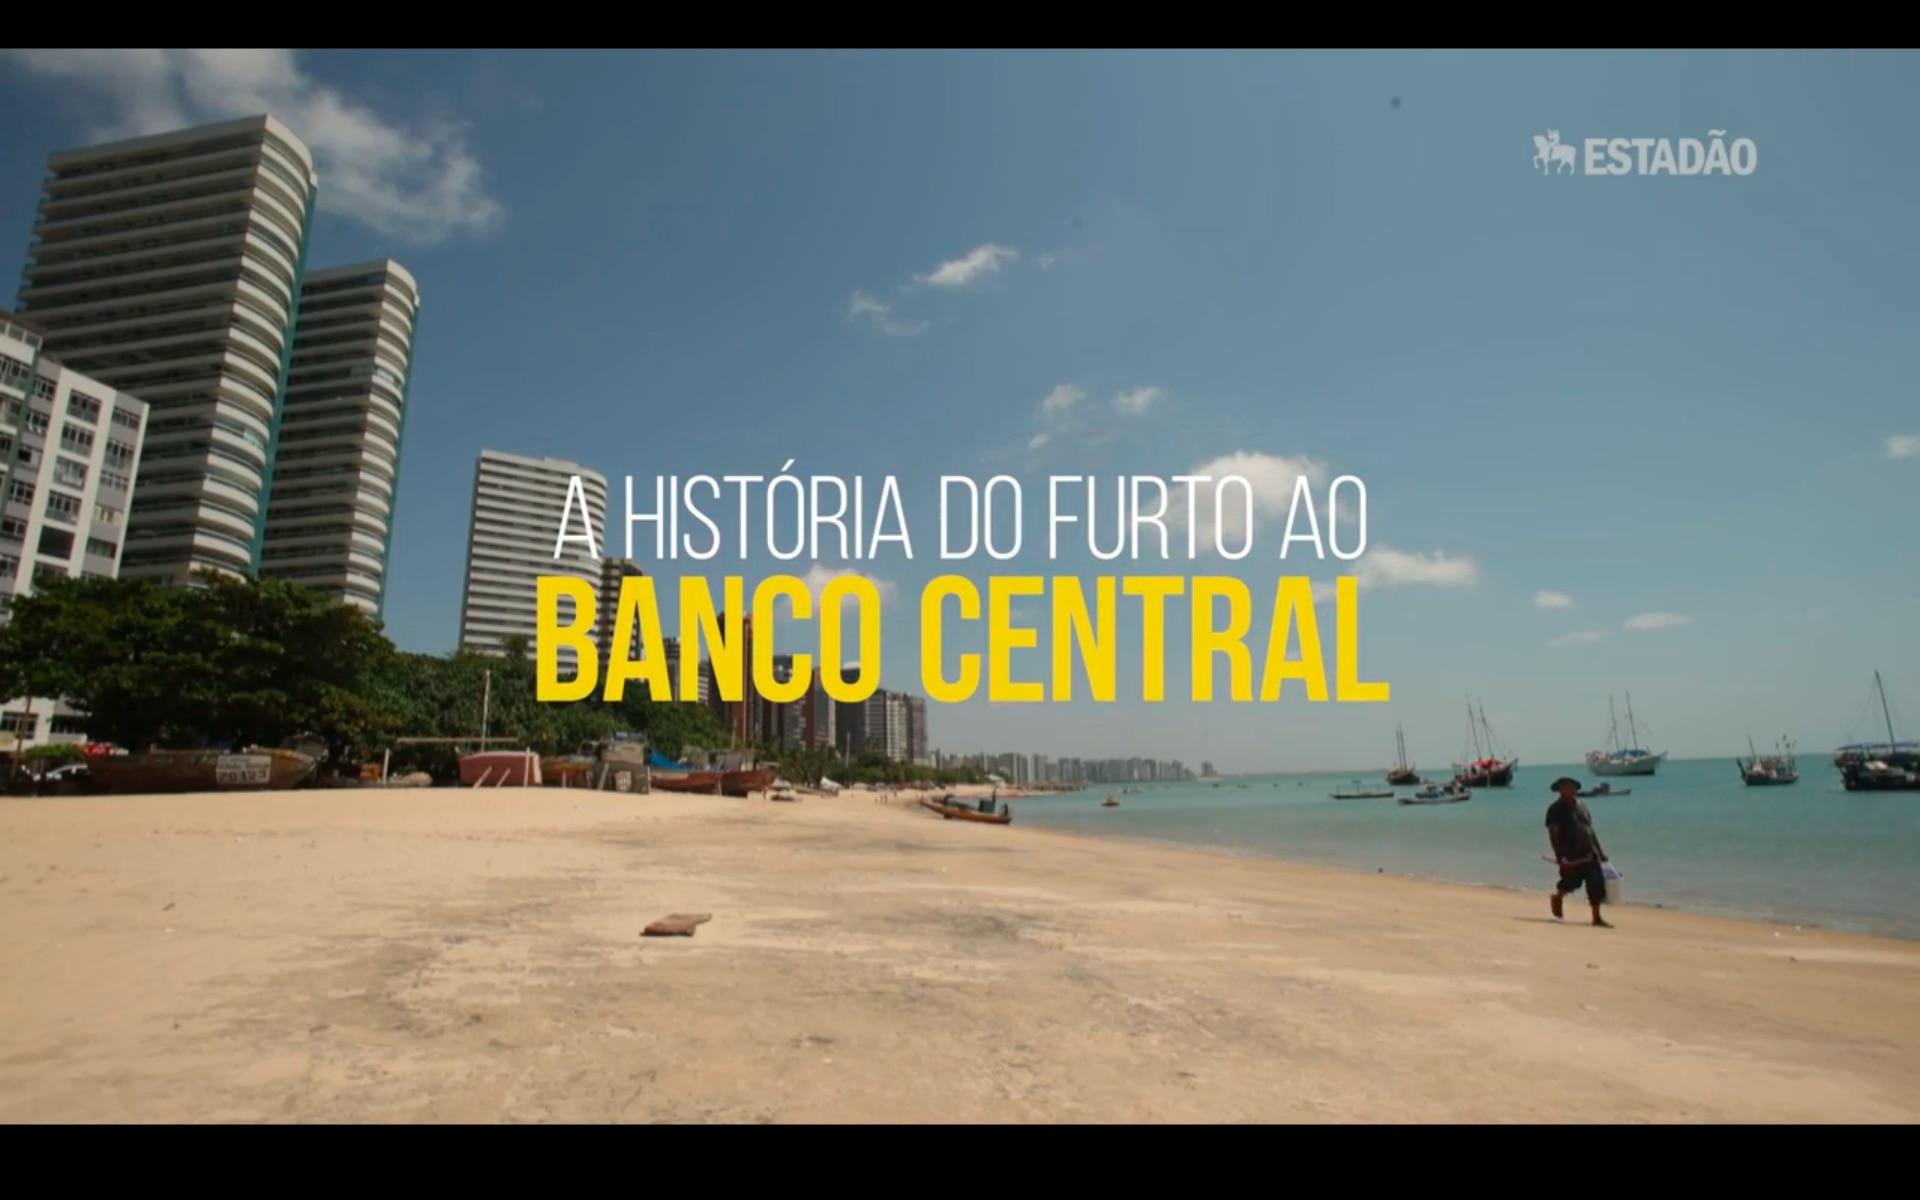 Toupeiras, a história do furto ao Banco Central.